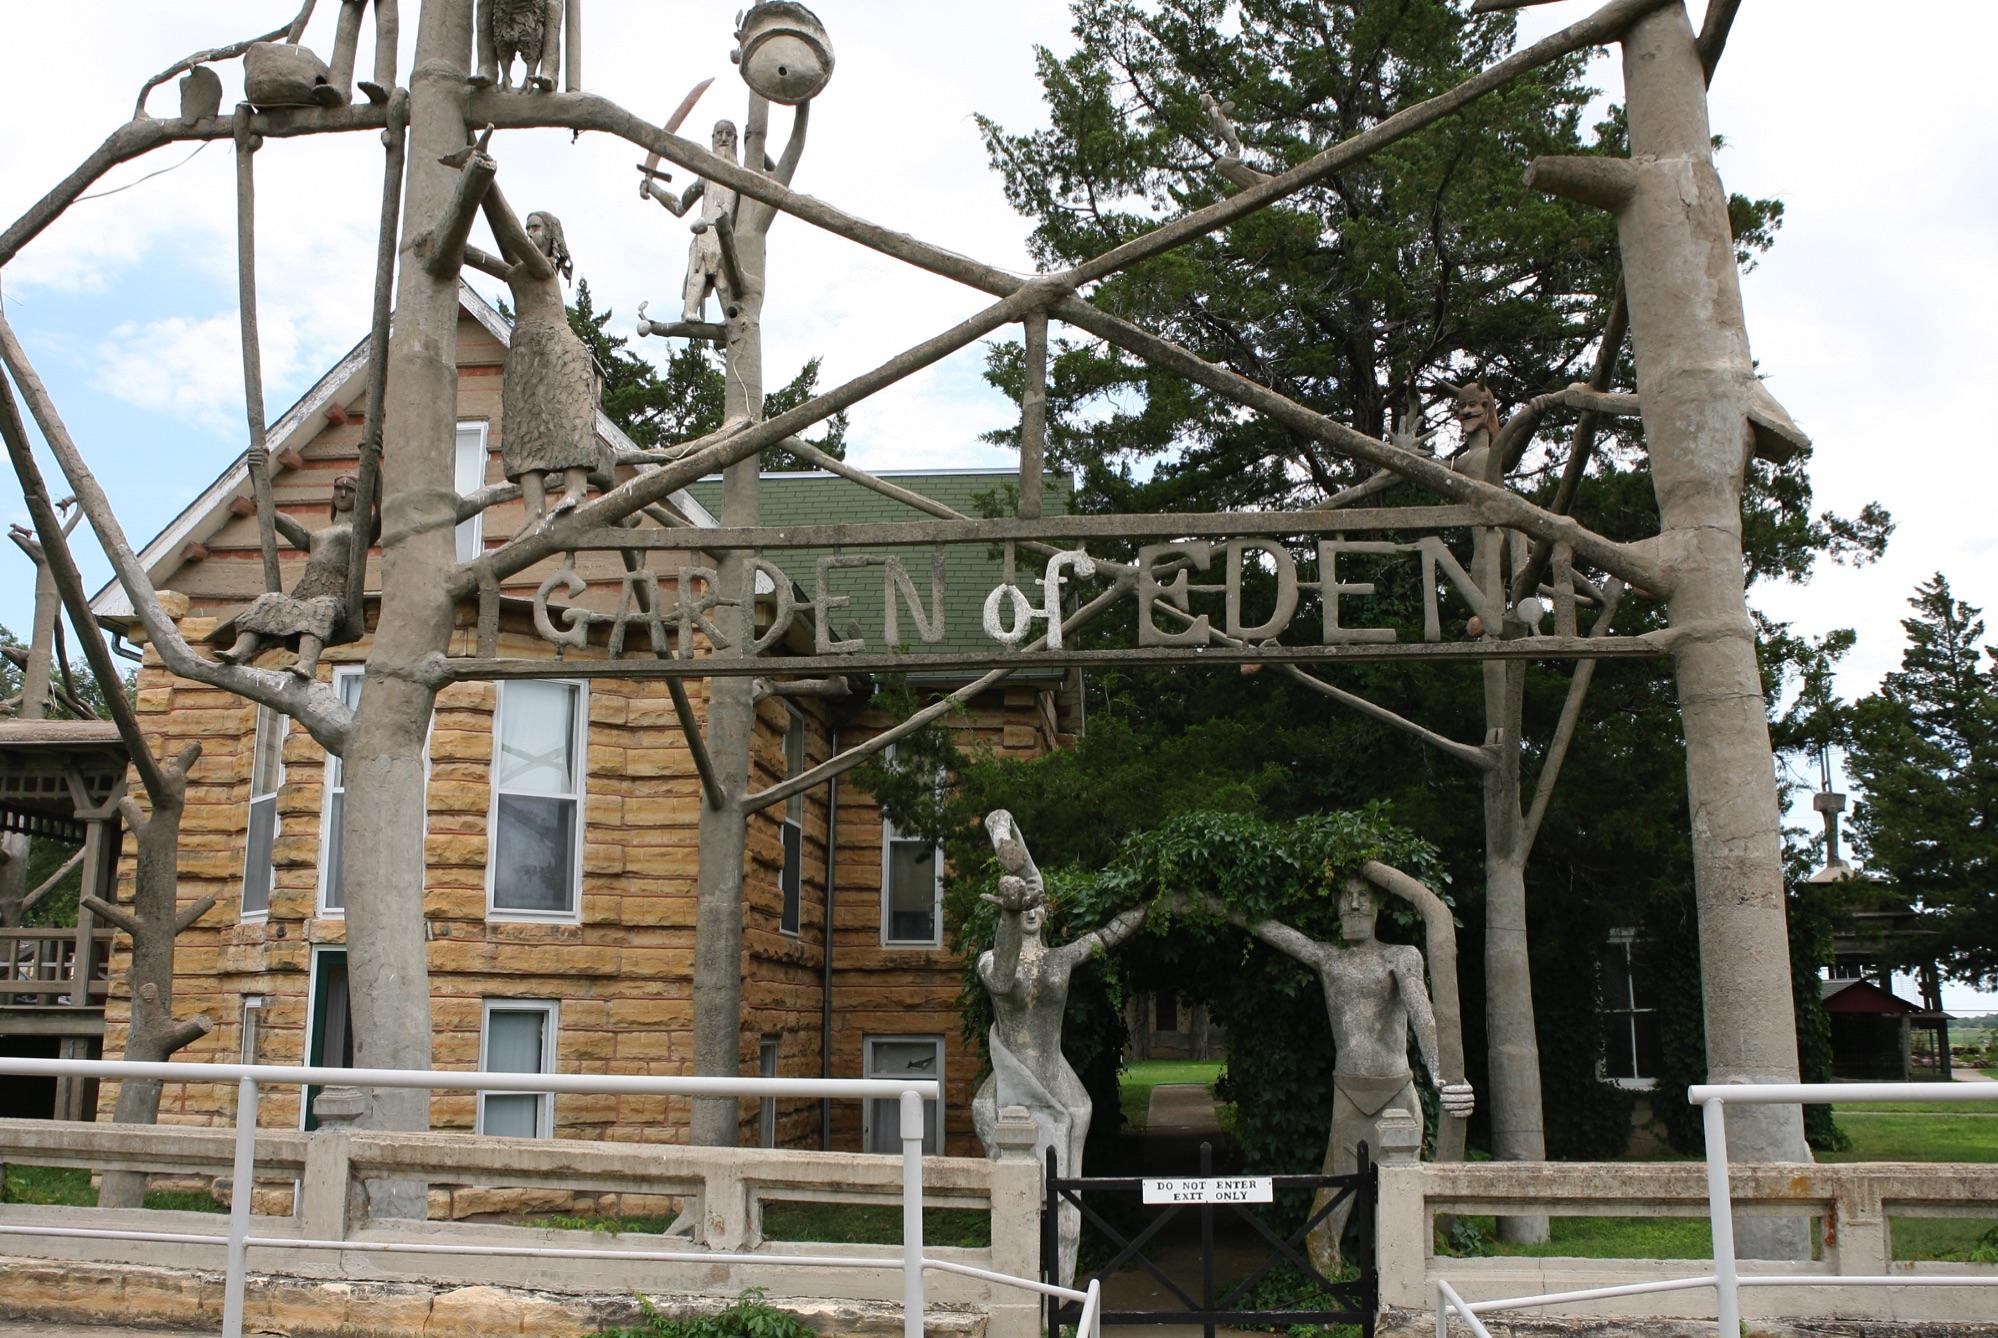 garden of eden - Garden Of Eden Kansas